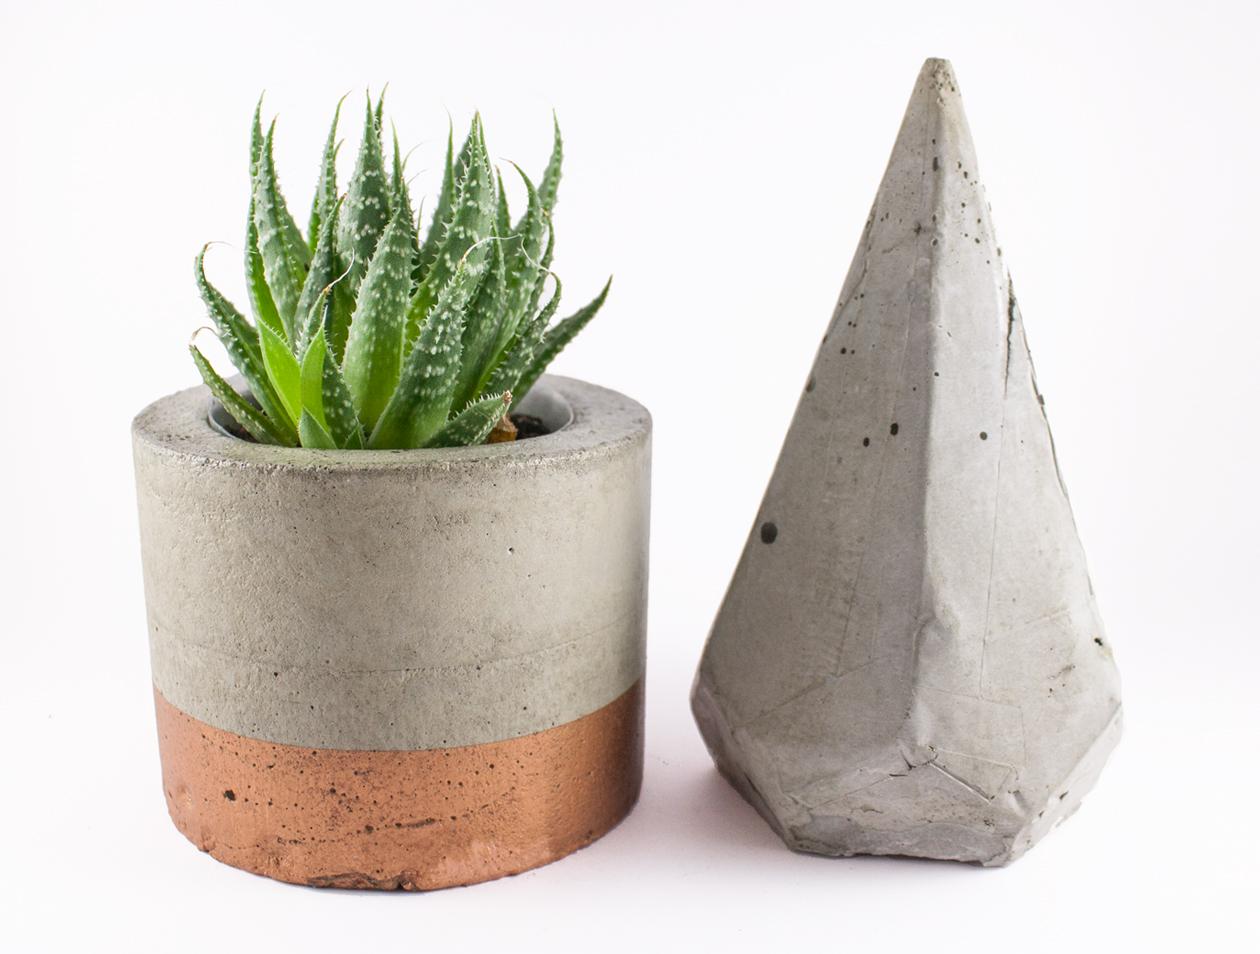 Concrete Pots For Plants : Paint dipped concrete planter pot copper felt